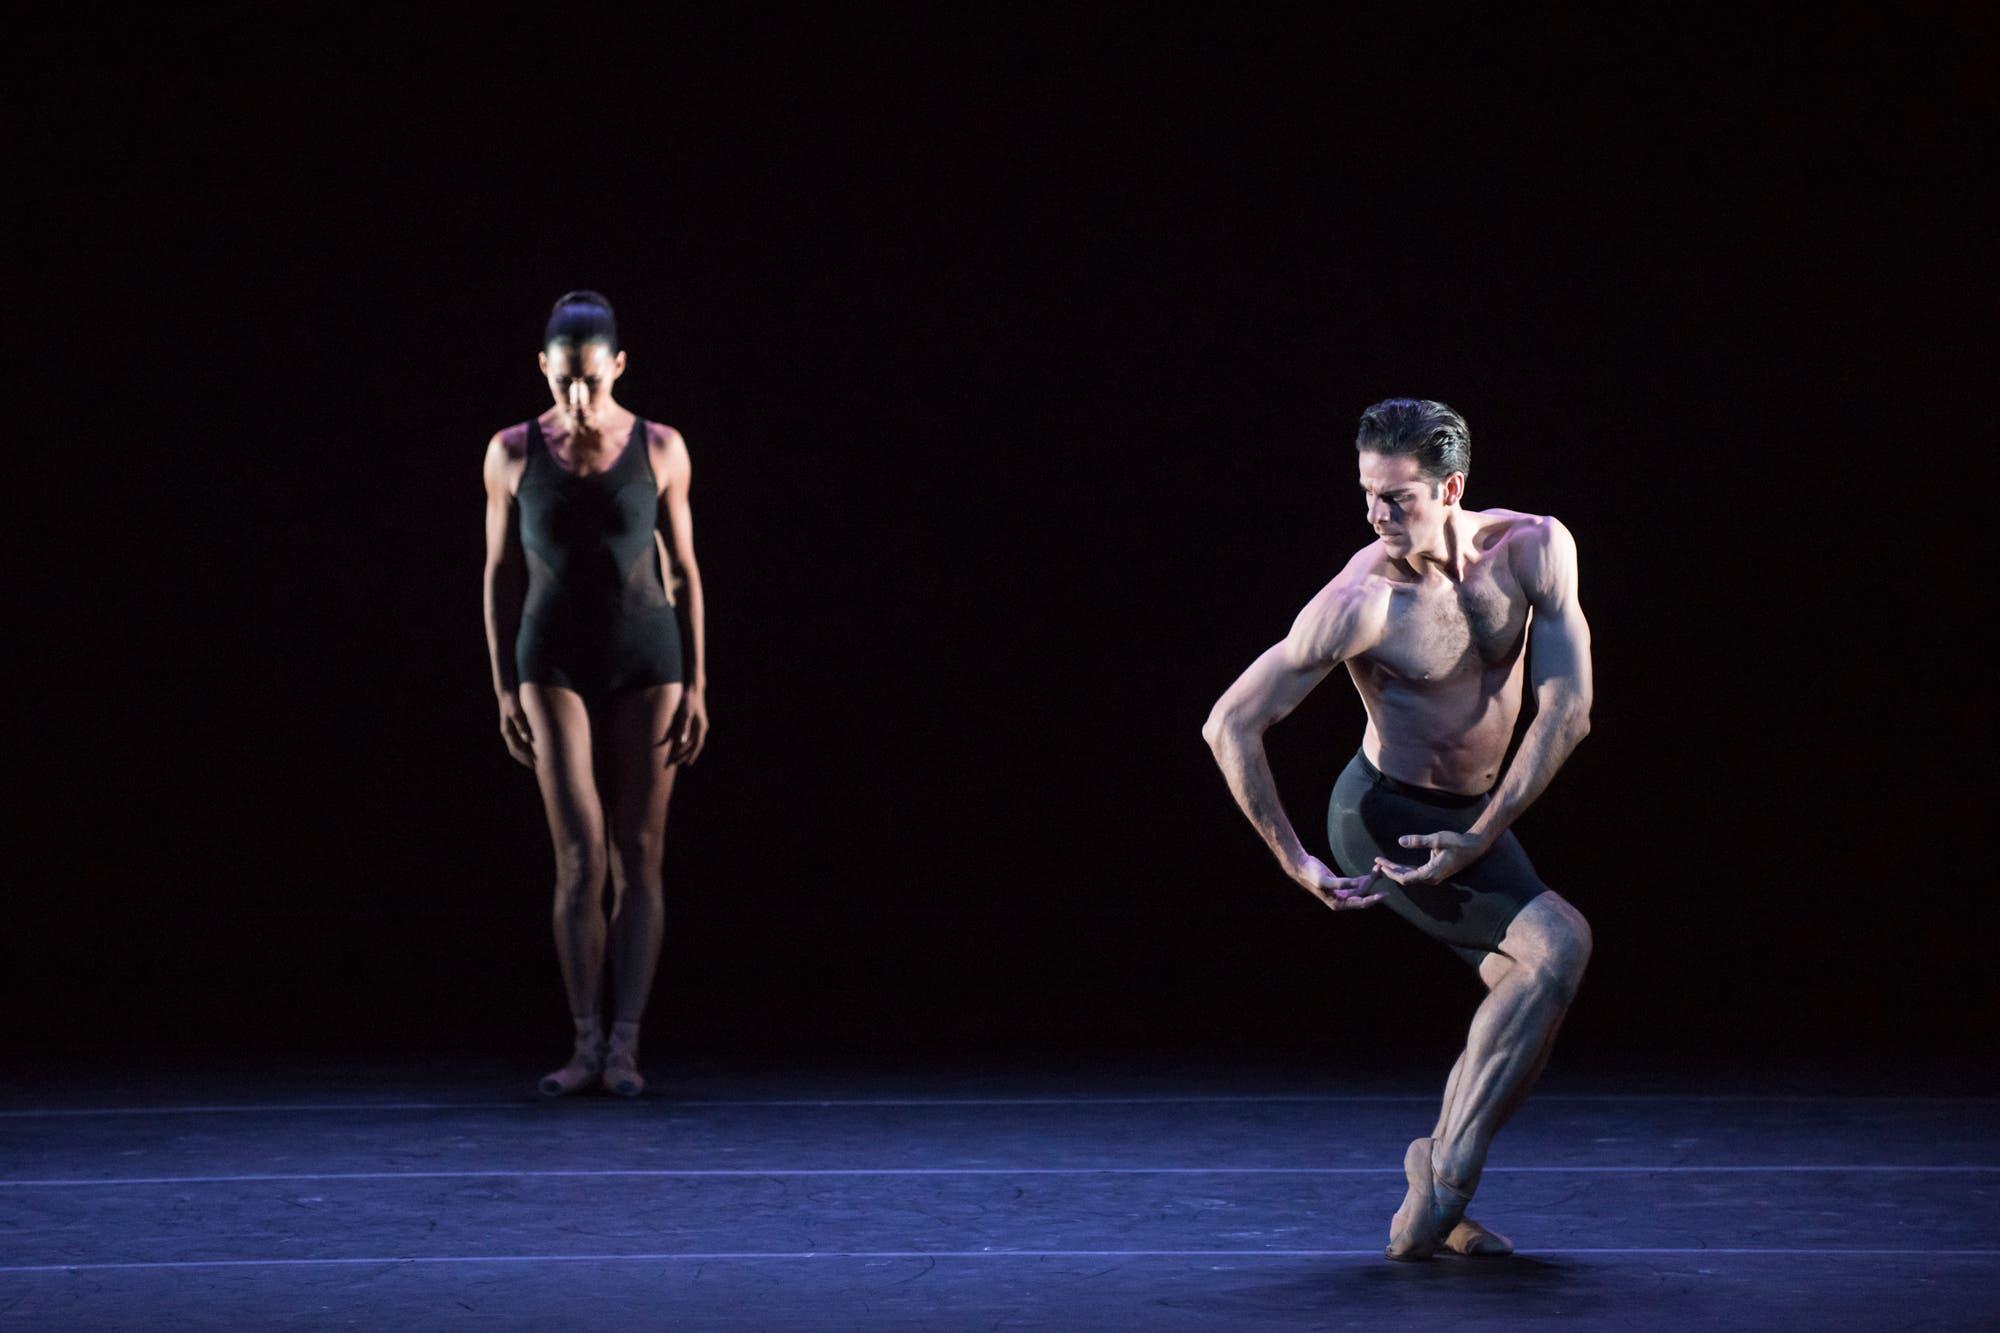 El mundo de la danza se afianza en un escenario del otro lado de Los Andes